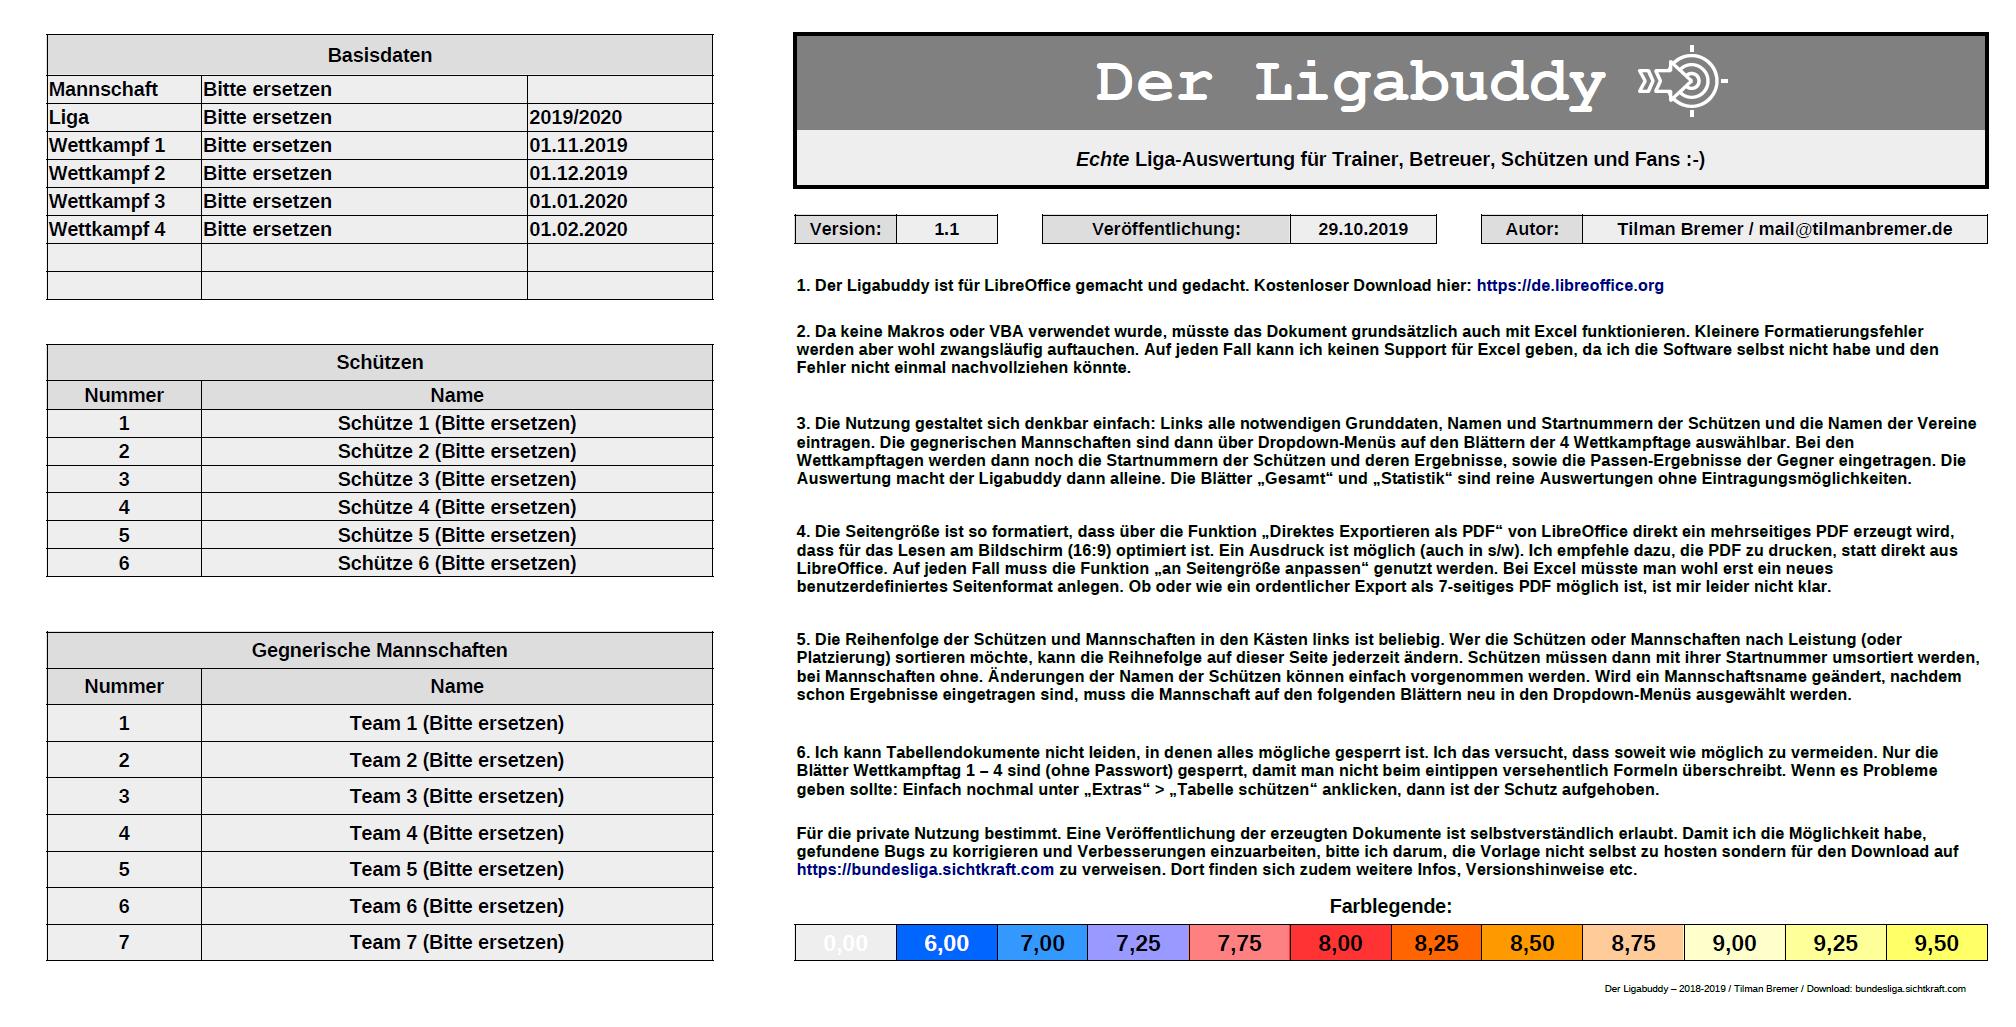 Ligabuddy Version 1.1 mit Bugfix für LibreOffice Version 6.1 und höher